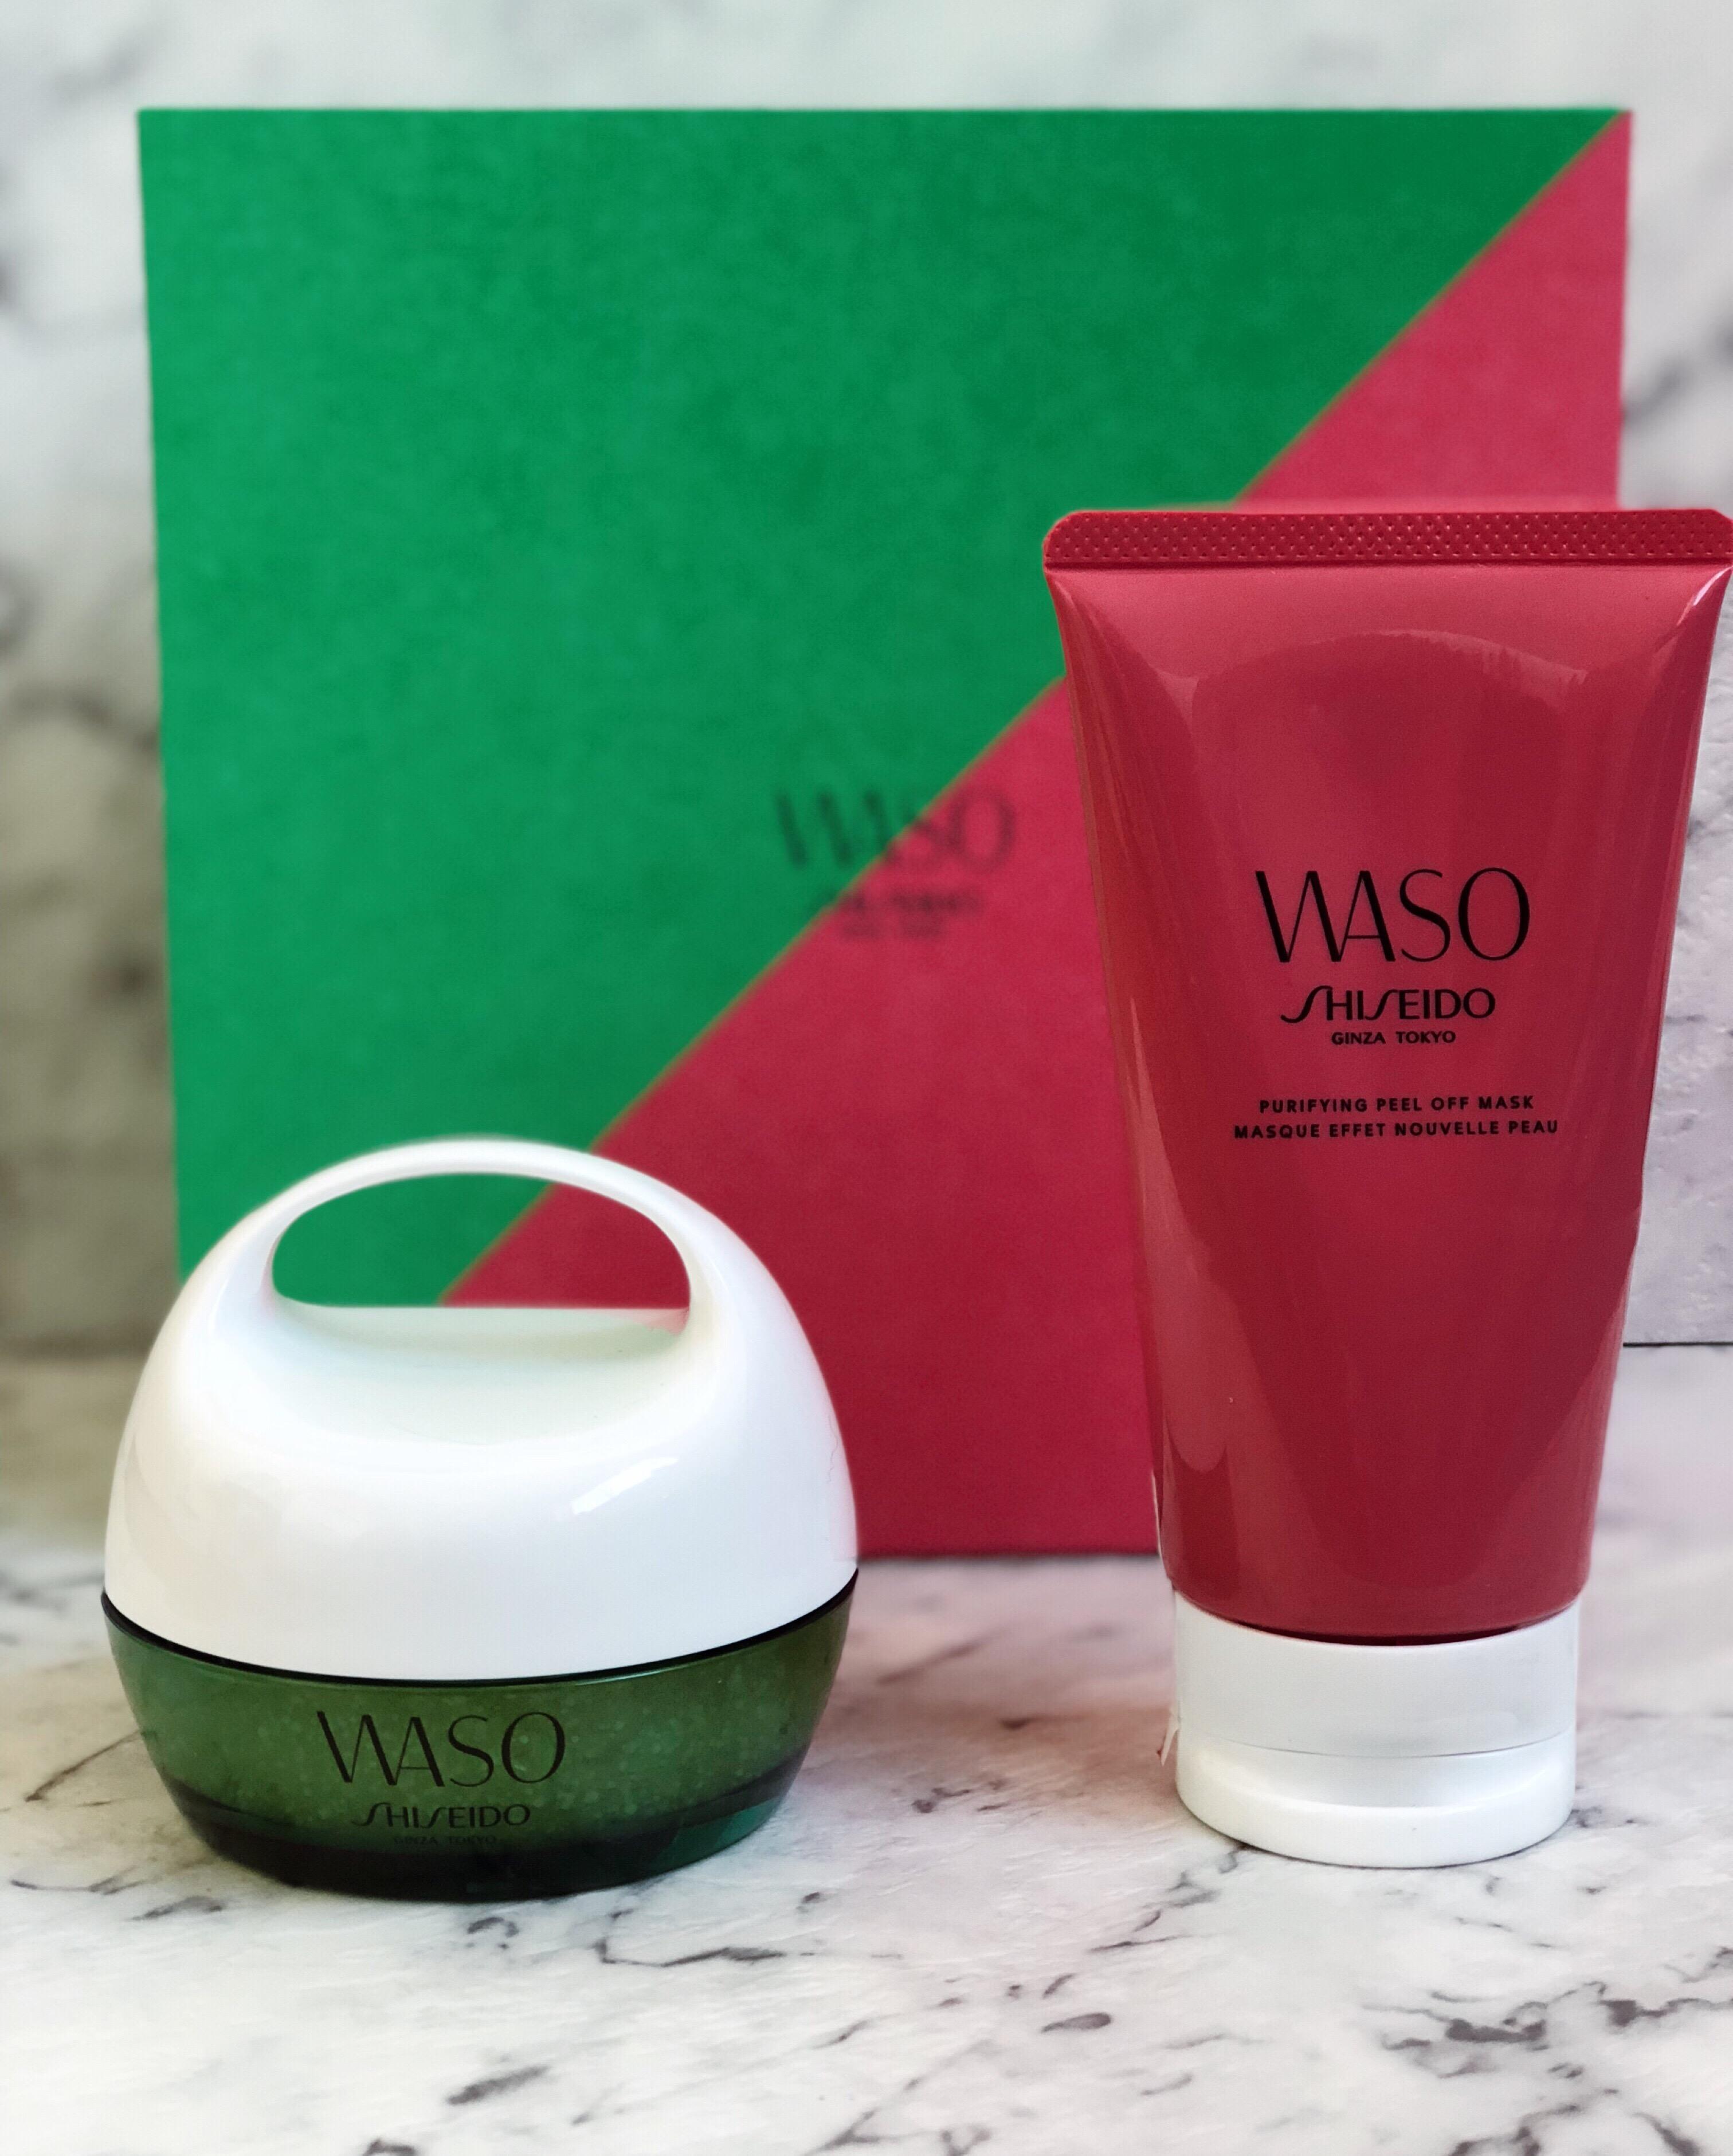 Shiseido Sunday – Face Mask Edition